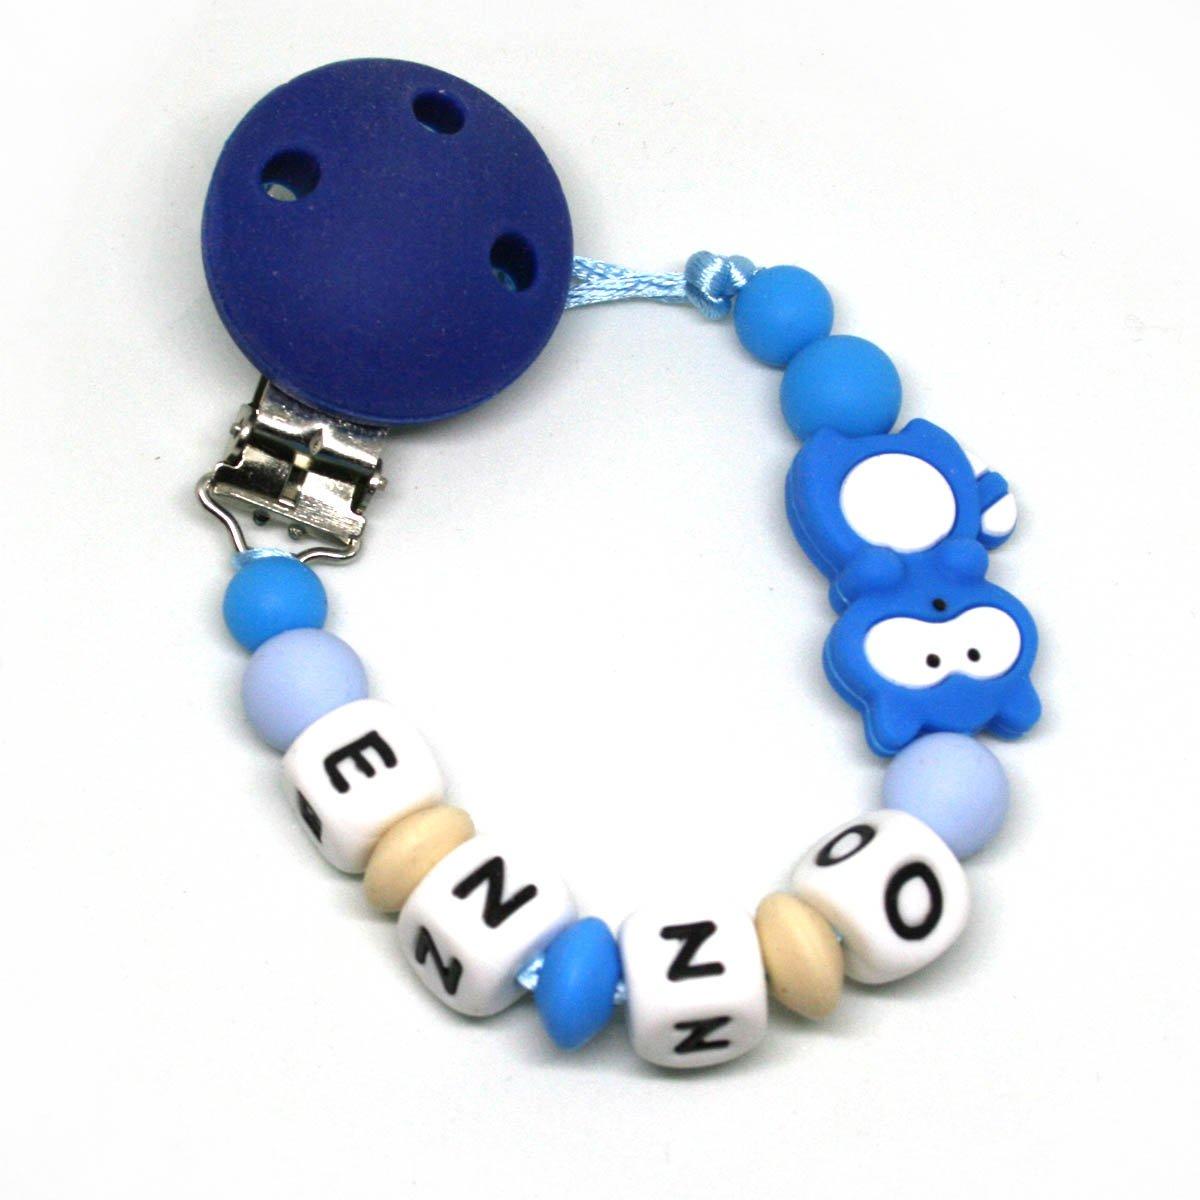 Sujeta chupetes modedor personalizado silicona Mapache Azul, para bebe con nombre, Antibaceriano Mil Cestas: Amazon.es: Bebé